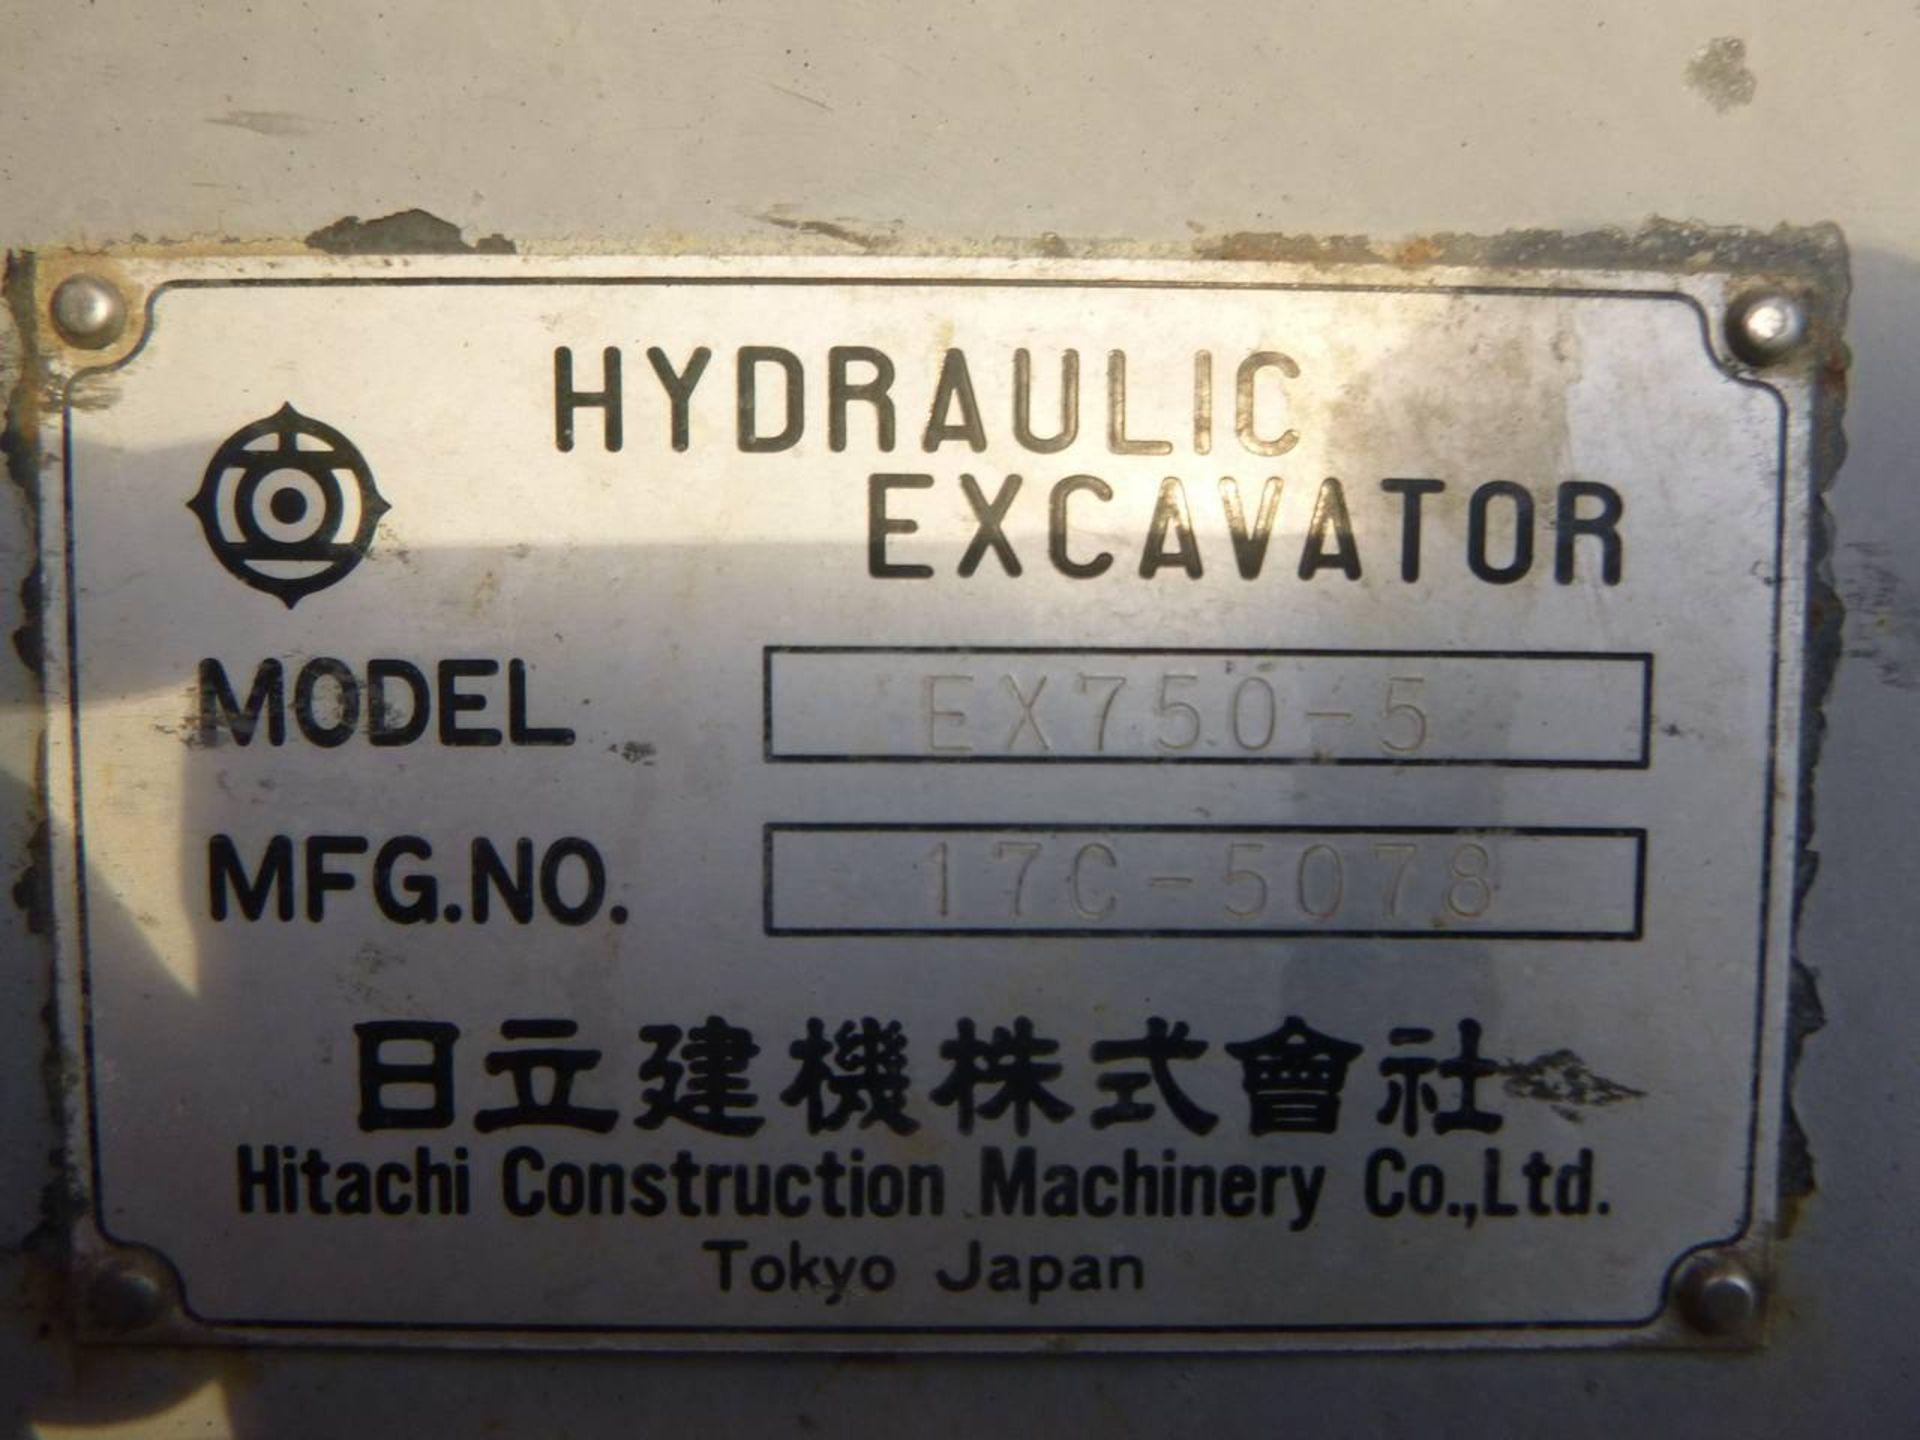 1997 Hitachi EX750-5 Excavator - Image 11 of 11